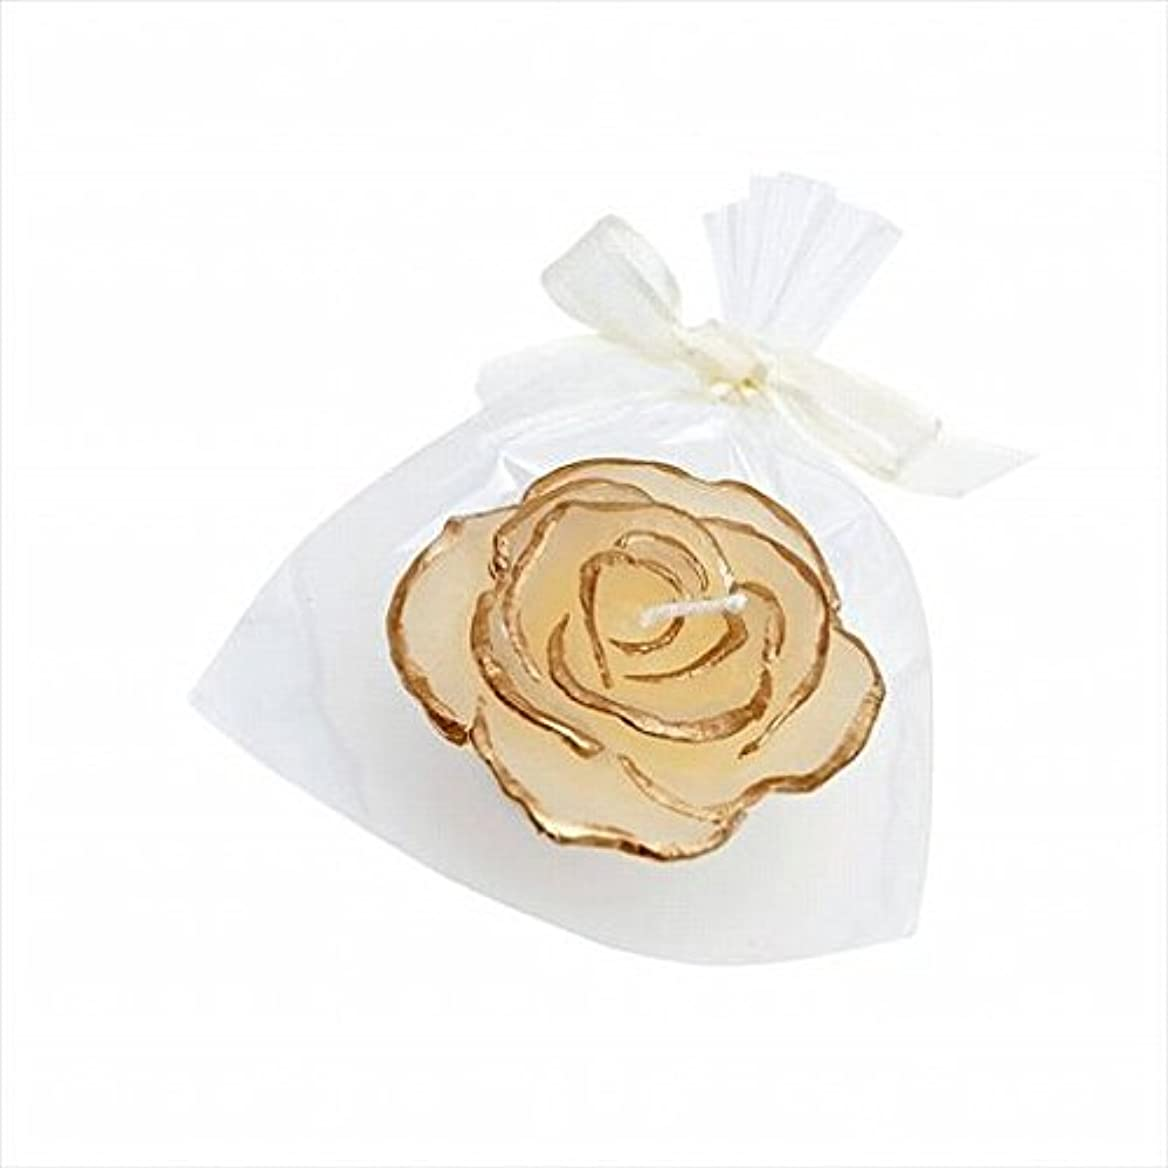 白内障一月インクkameyama candle(カメヤマキャンドル) プリンセスローズ 「 アイボリー 」(A6390500IV)